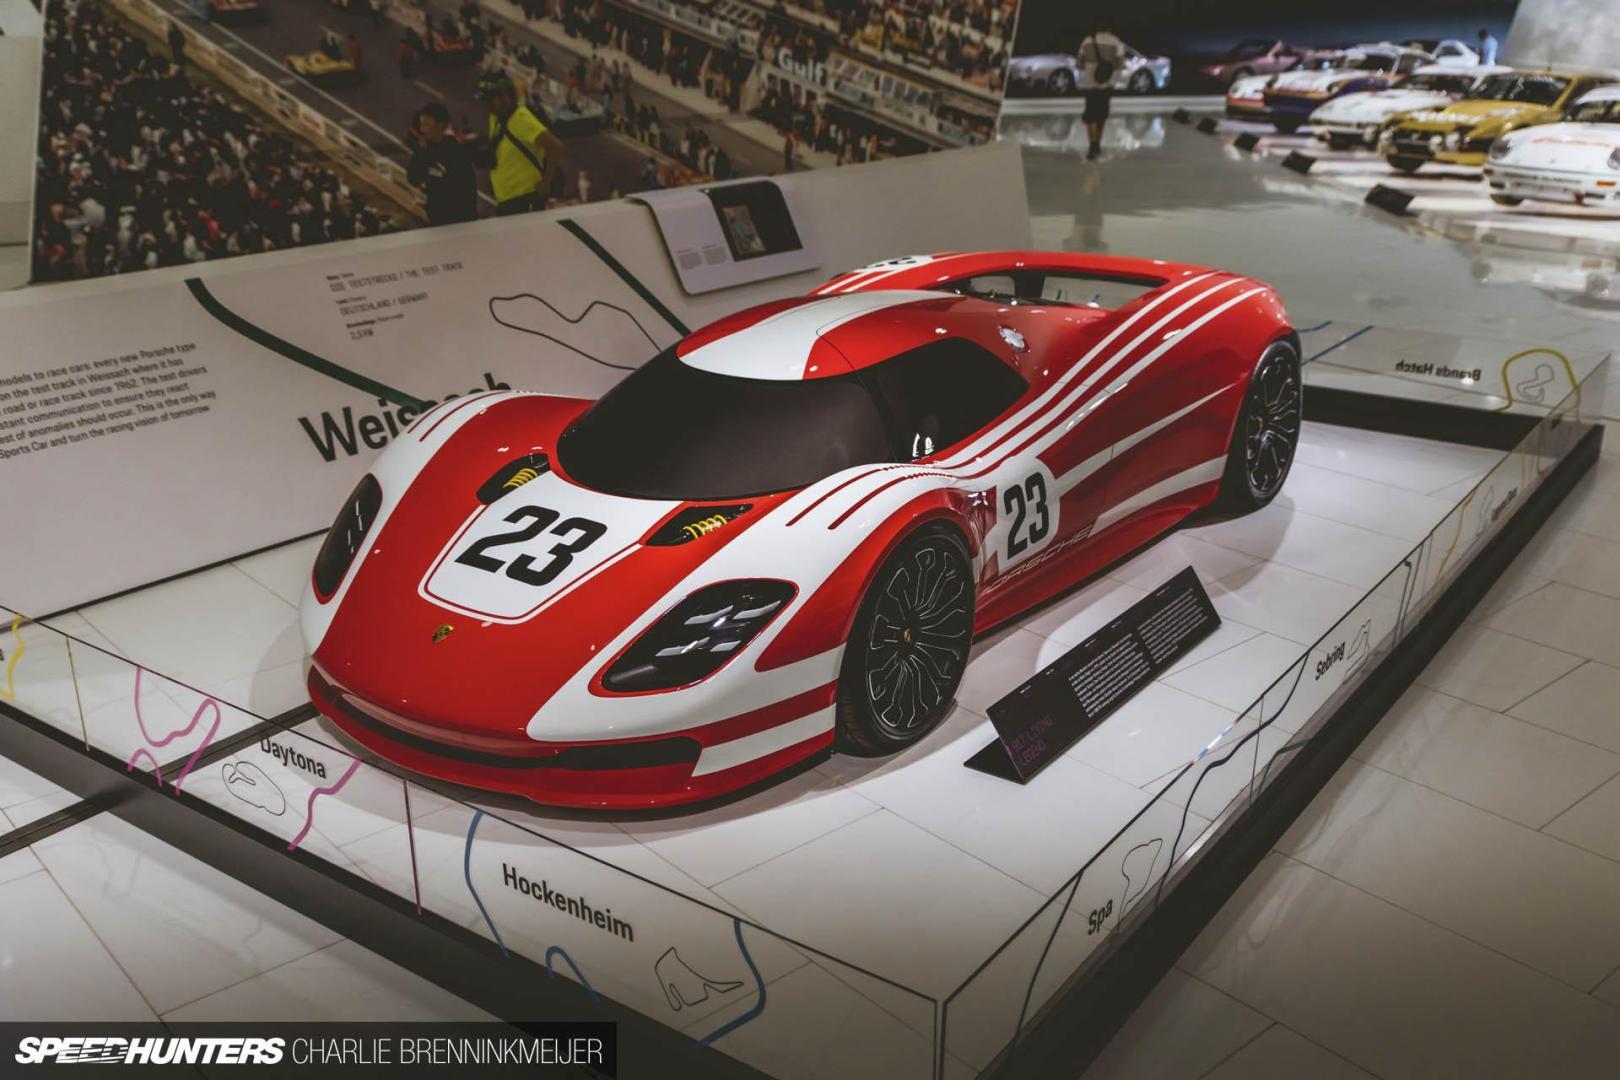 2019-Porsche-Musuem-by-Charlie-Brenninkmeijer-Speedhunters-54.jpg